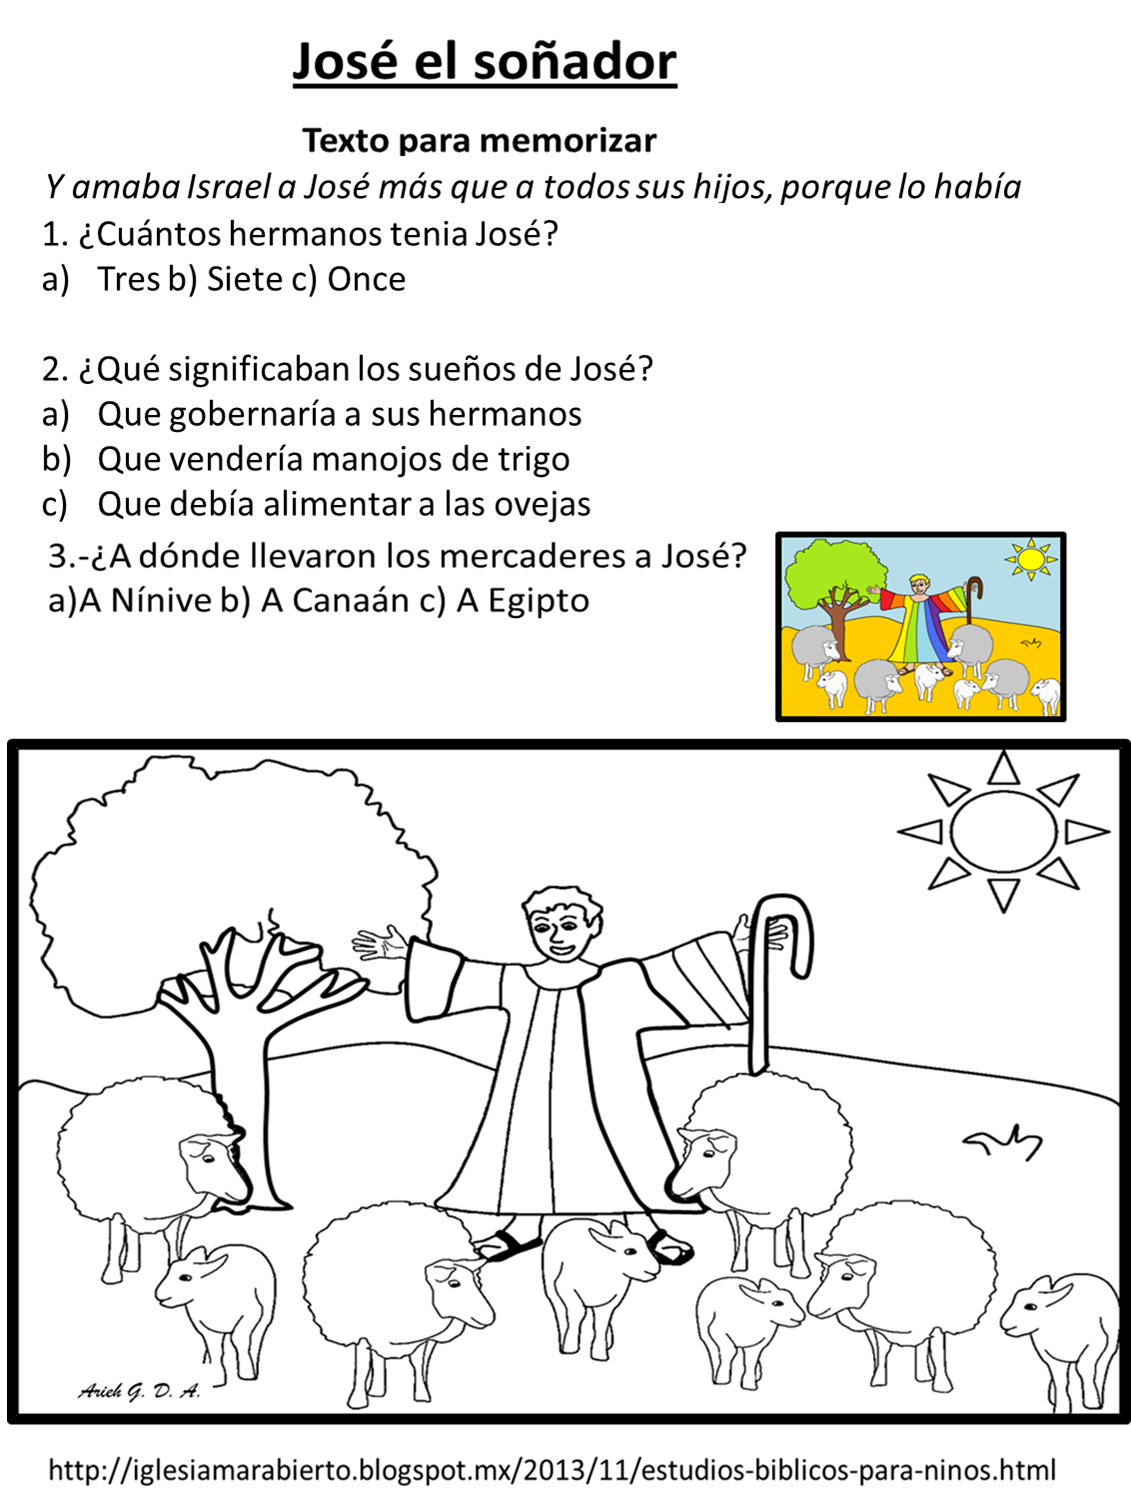 IGLESIA MAR ABIERTO: Estudio bíblico para niños - José el ...